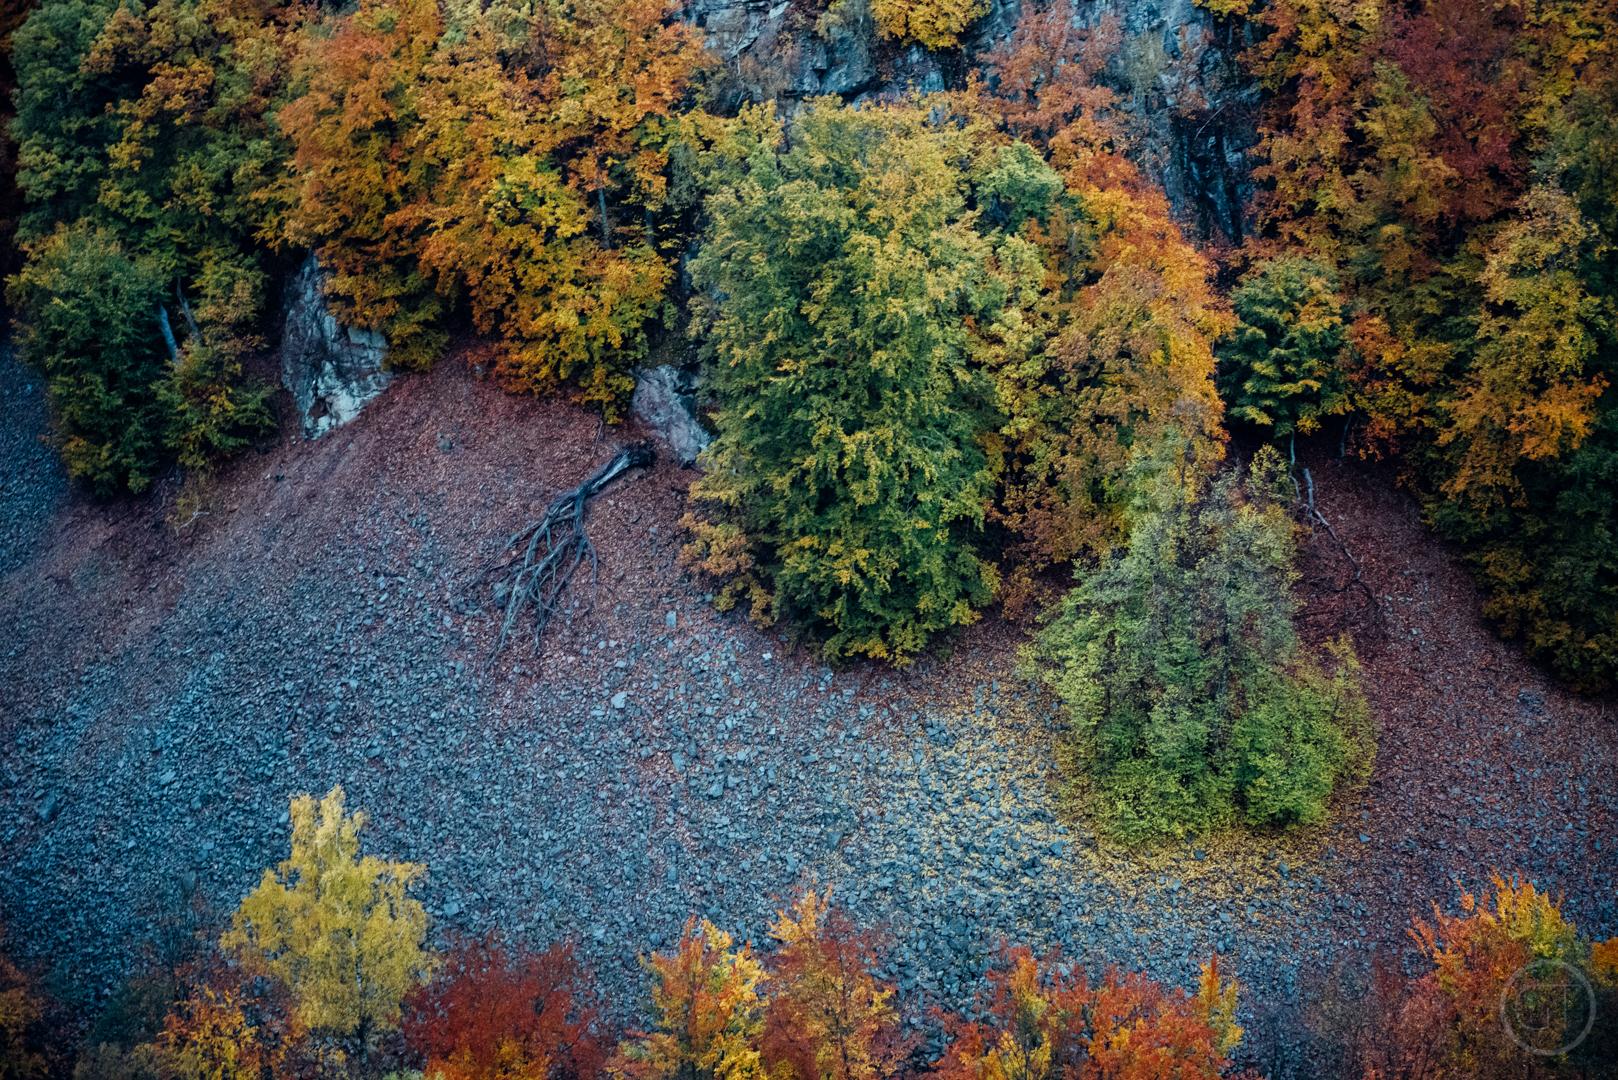 GUSTAV-THUESEN-adventure-denmark-photographer-nature-landscape-KØBENHAVN-FOTOGRAF-lifestyle-6.jpg